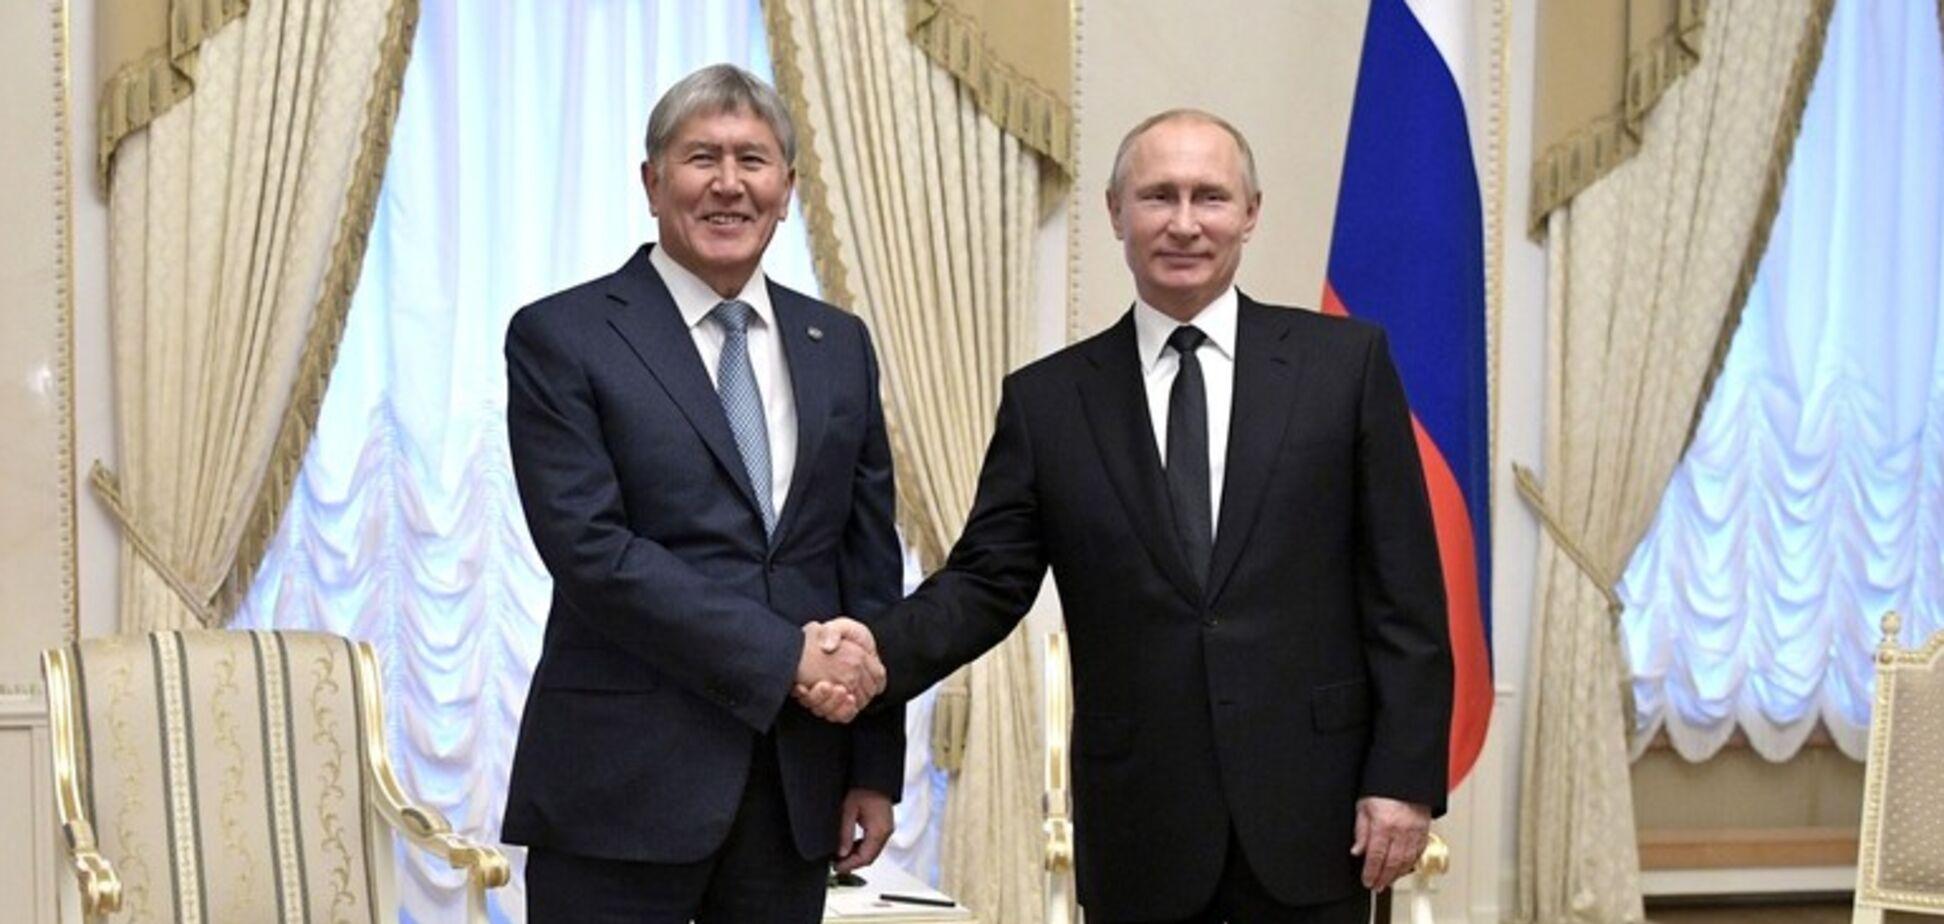 Путін введе війська до Киргизстану? Названо умову